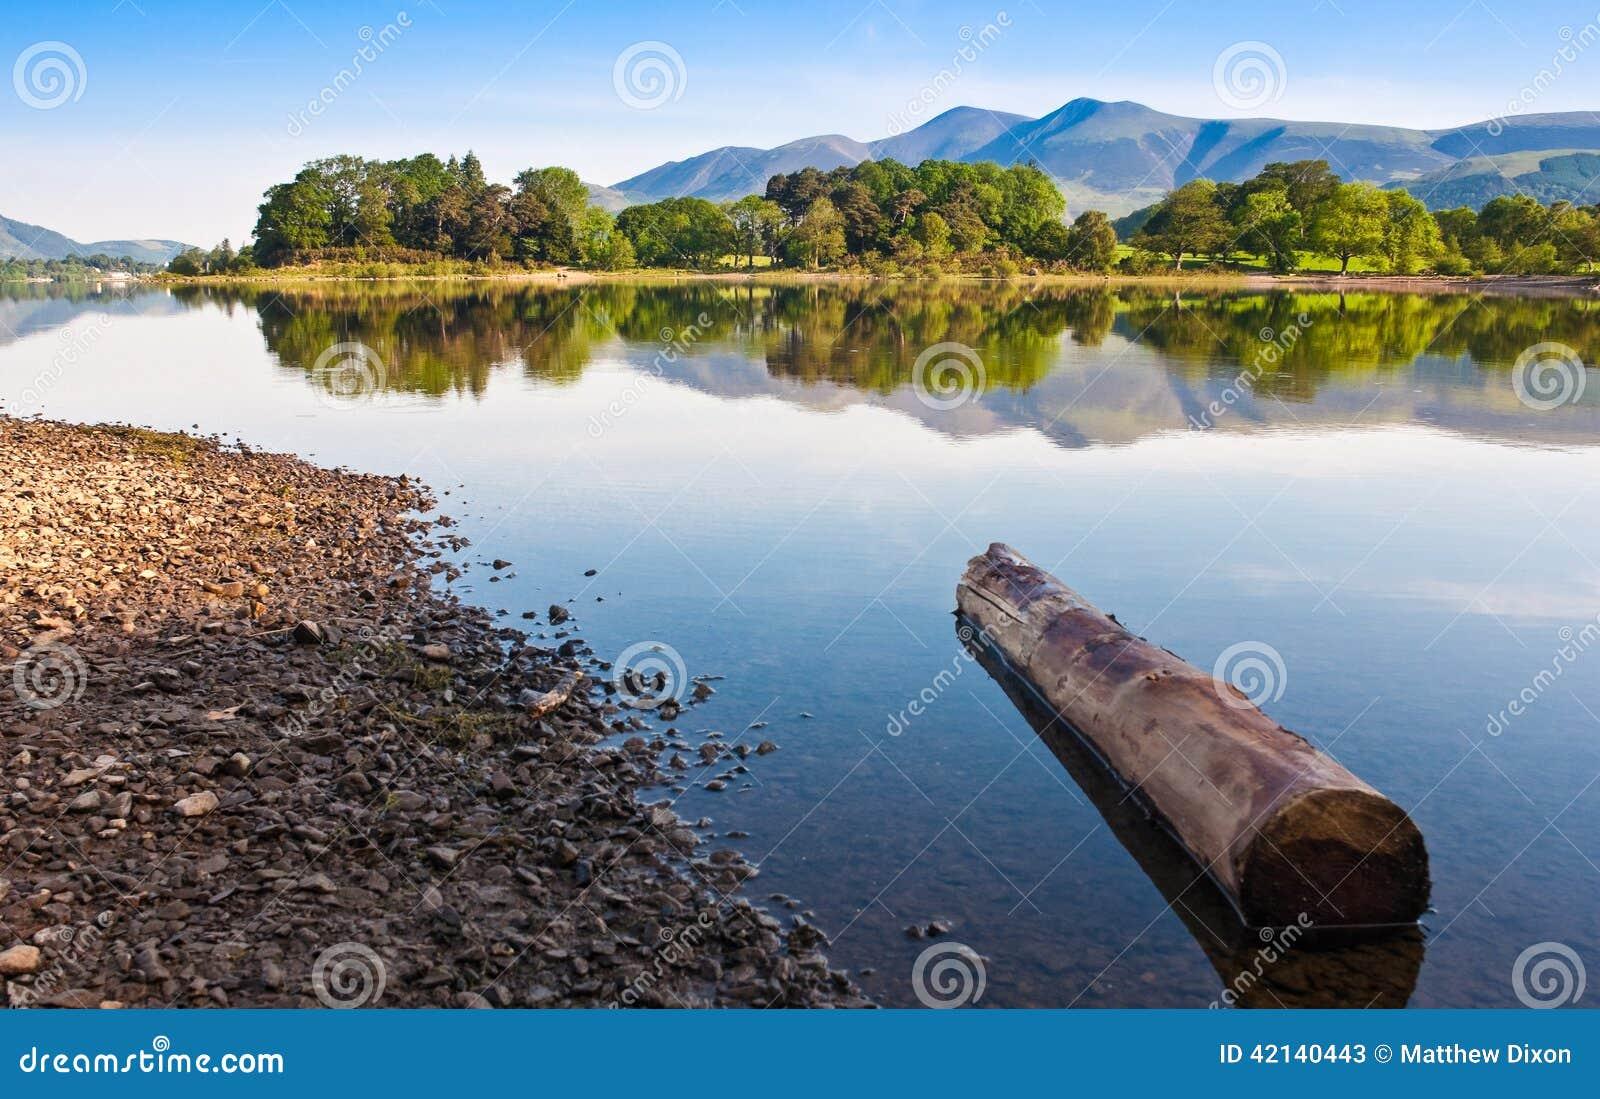 Distretto del lago, Cumbria, Regno Unito